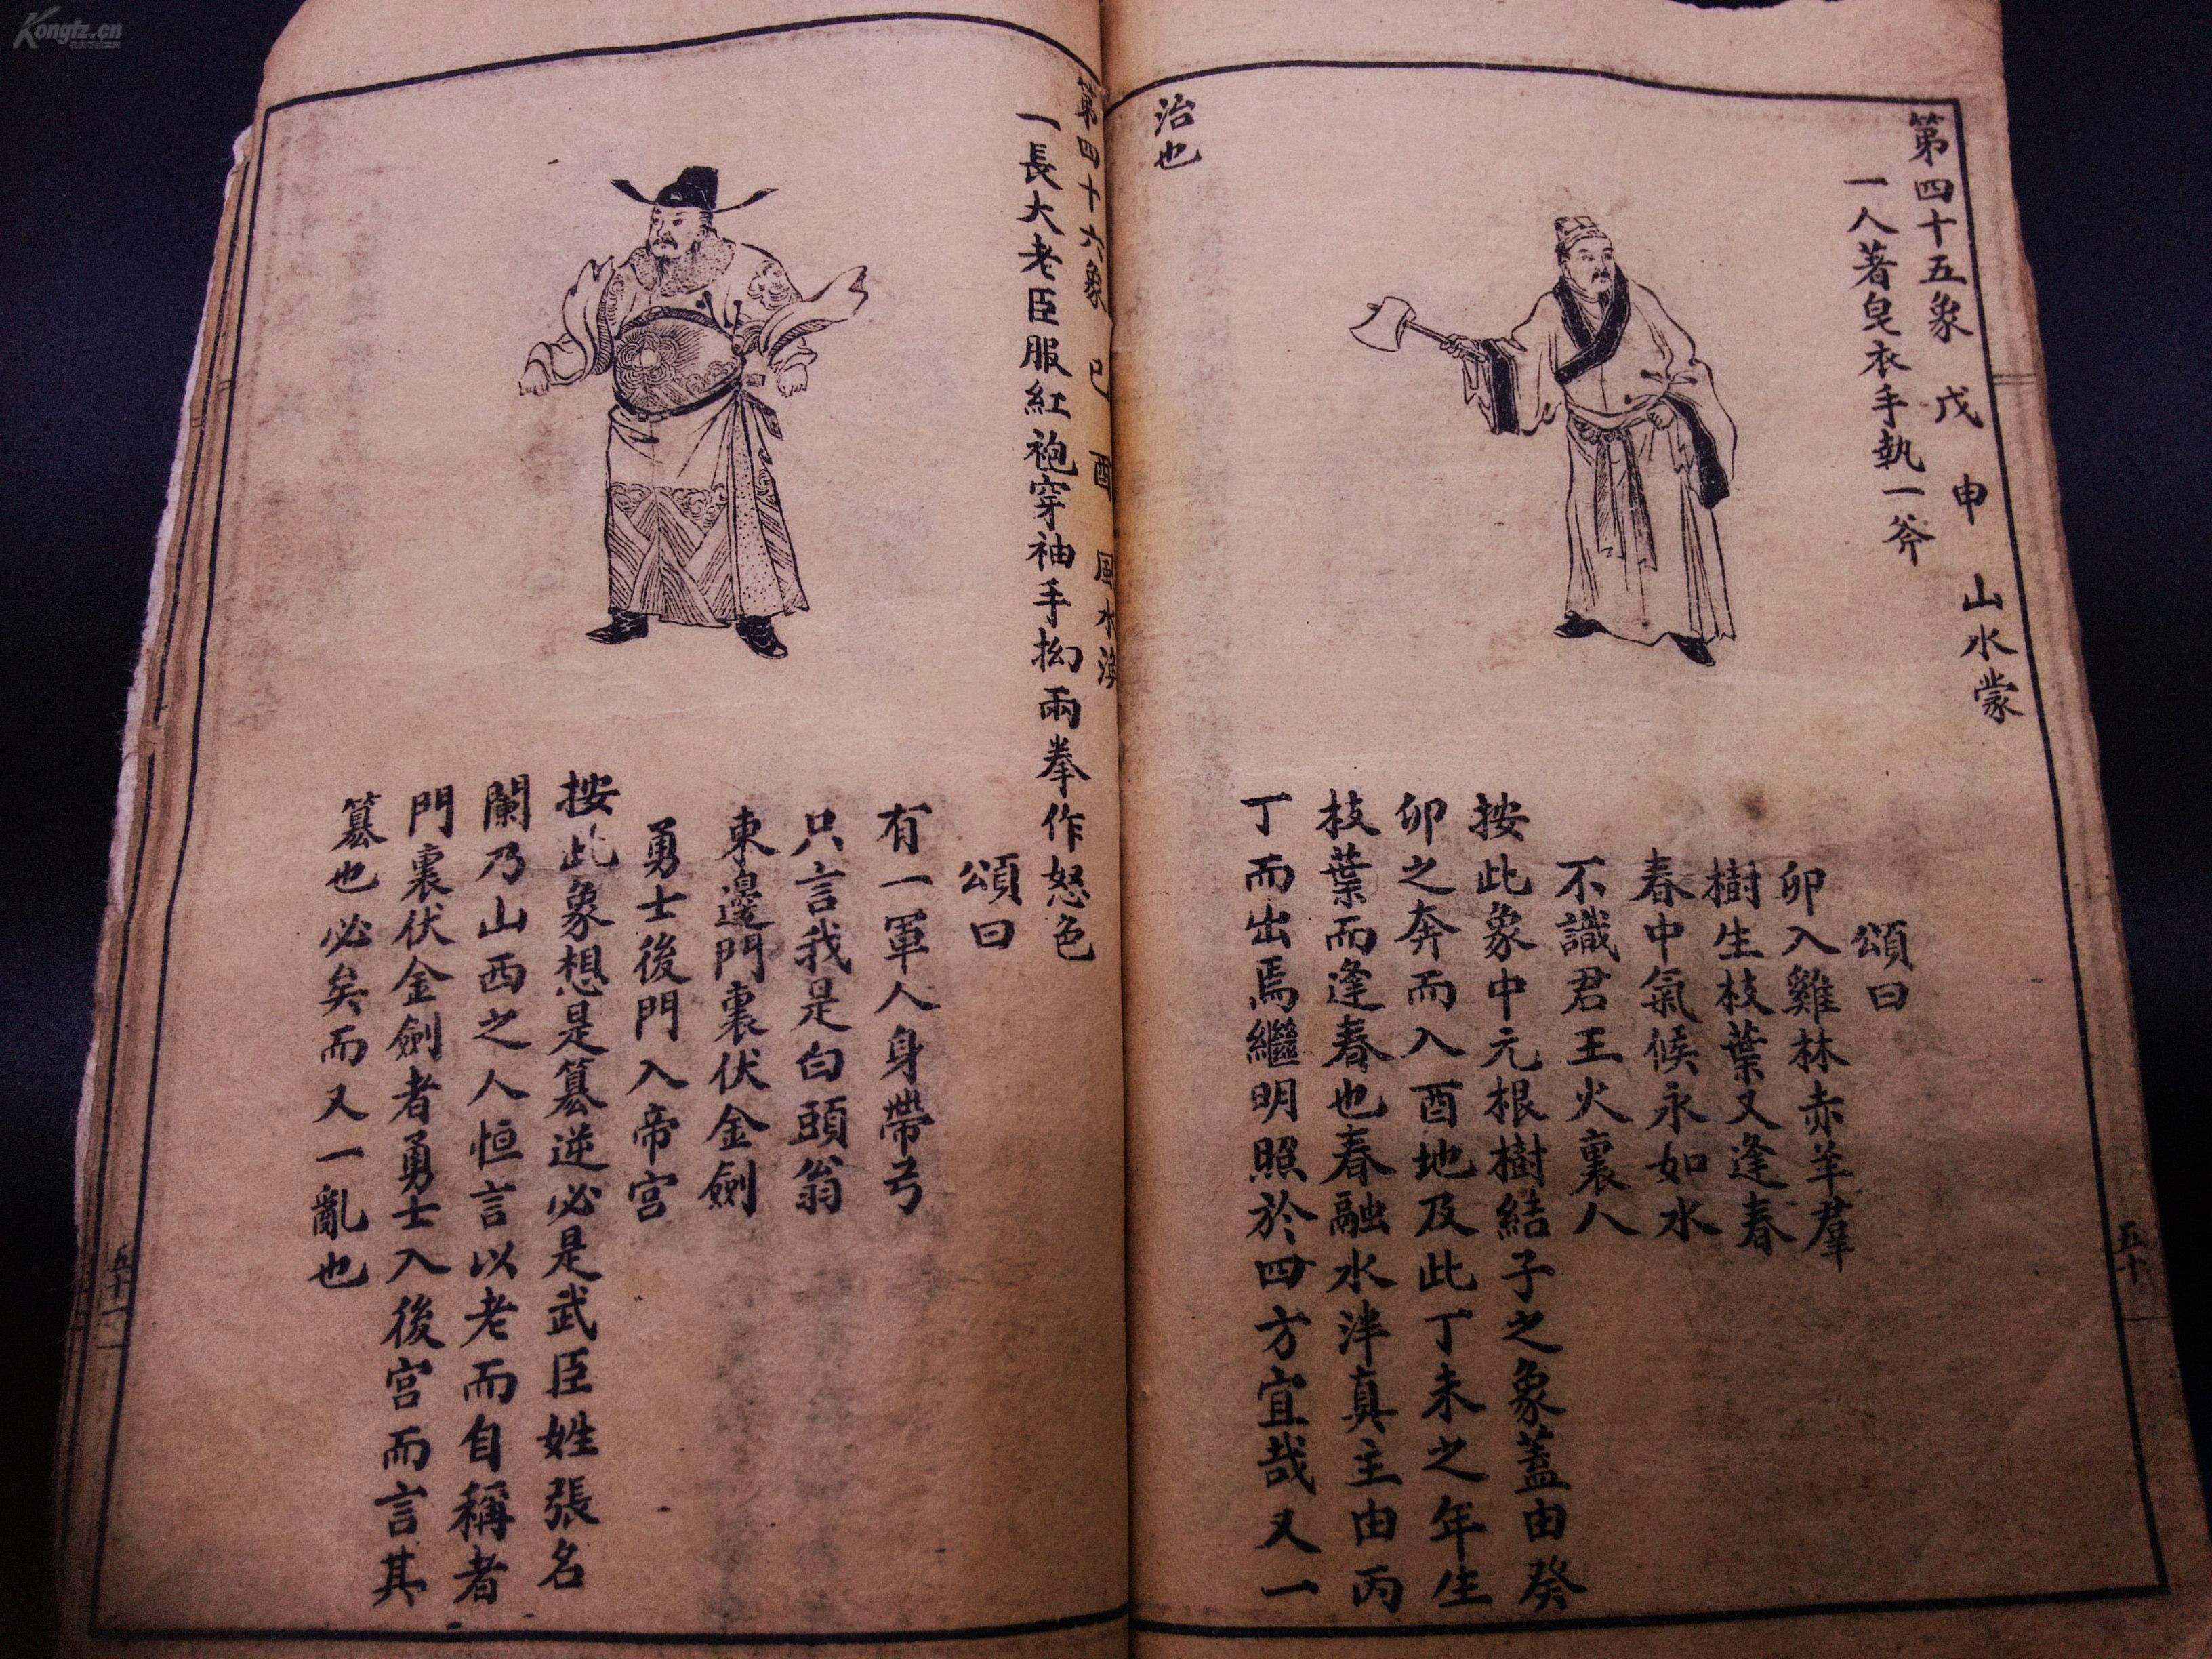 李文禄旧藏本《透天玄机推背图说》一册全 60图机 本虽小印刷极精致